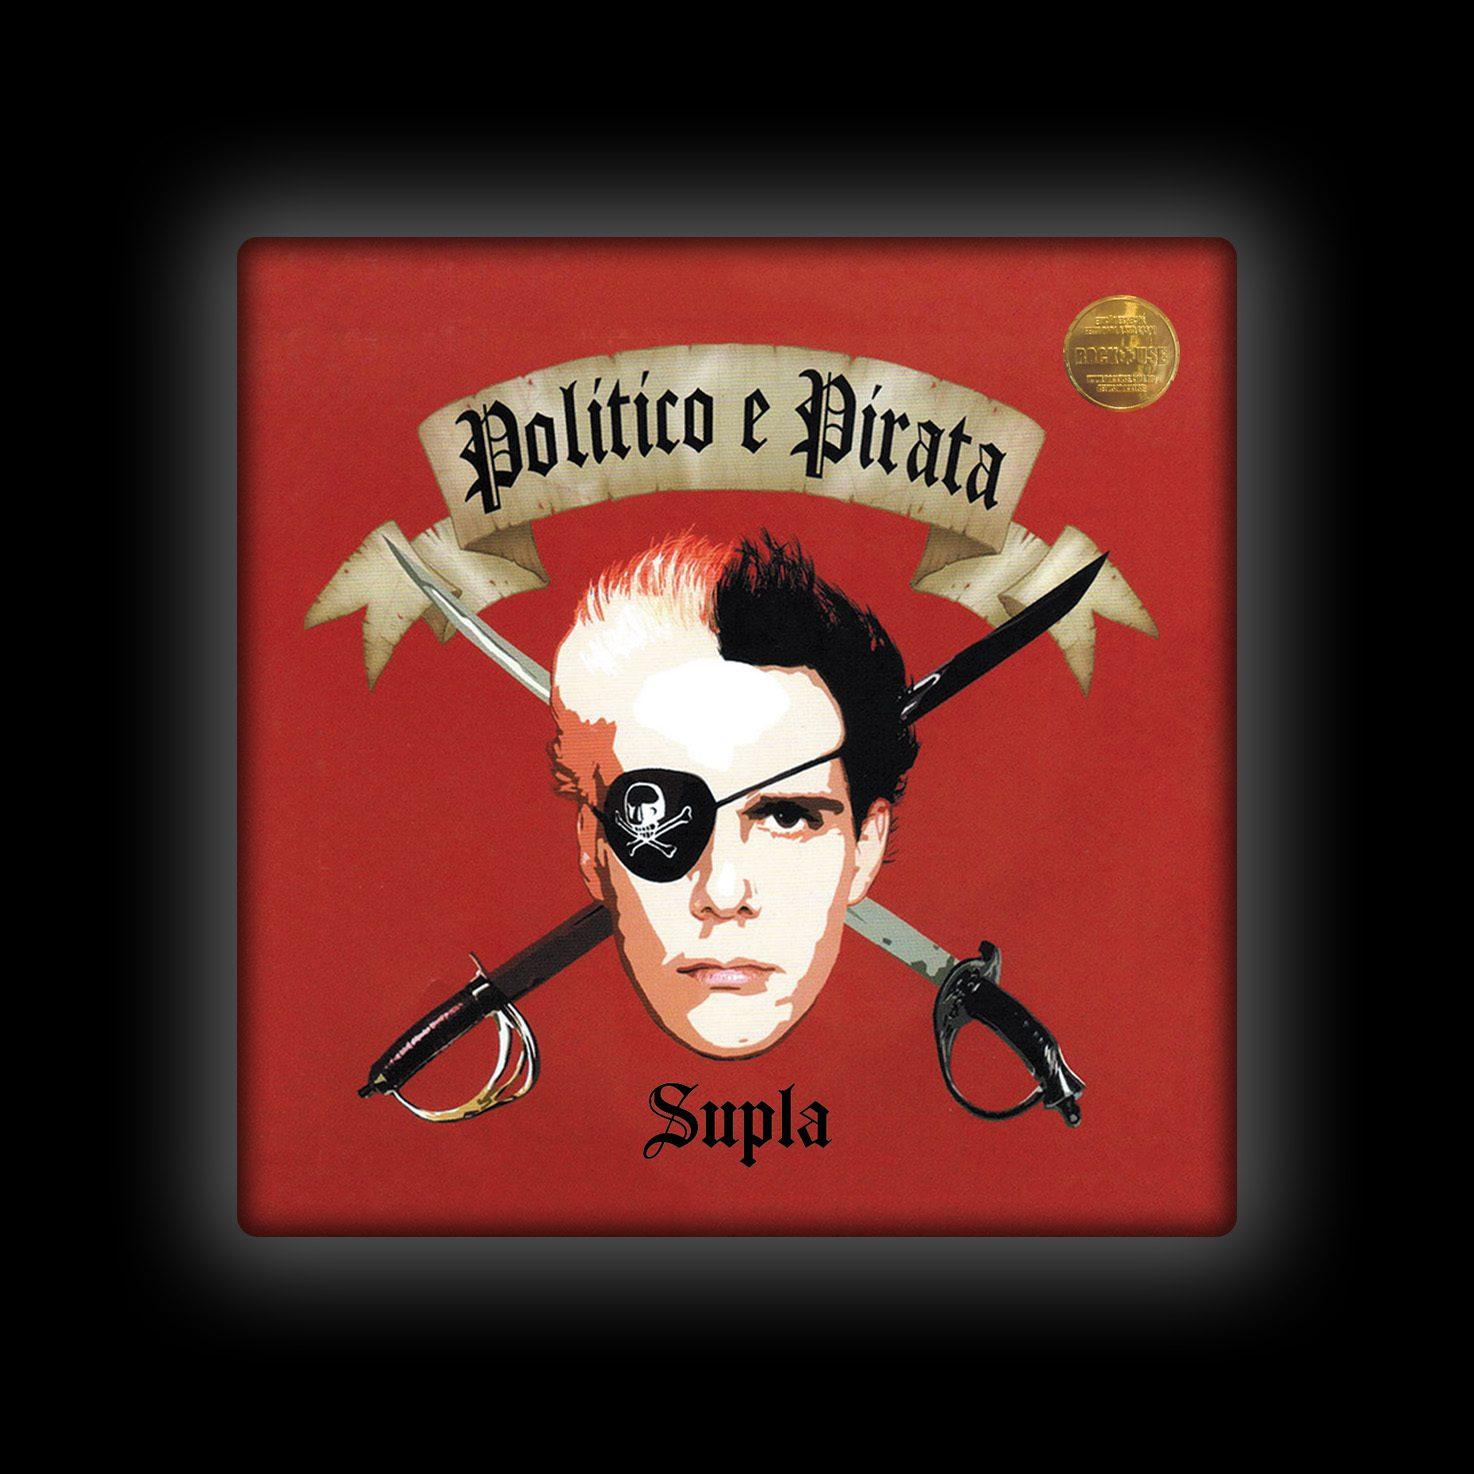 Capa de Almofada Supla - Político Pirata